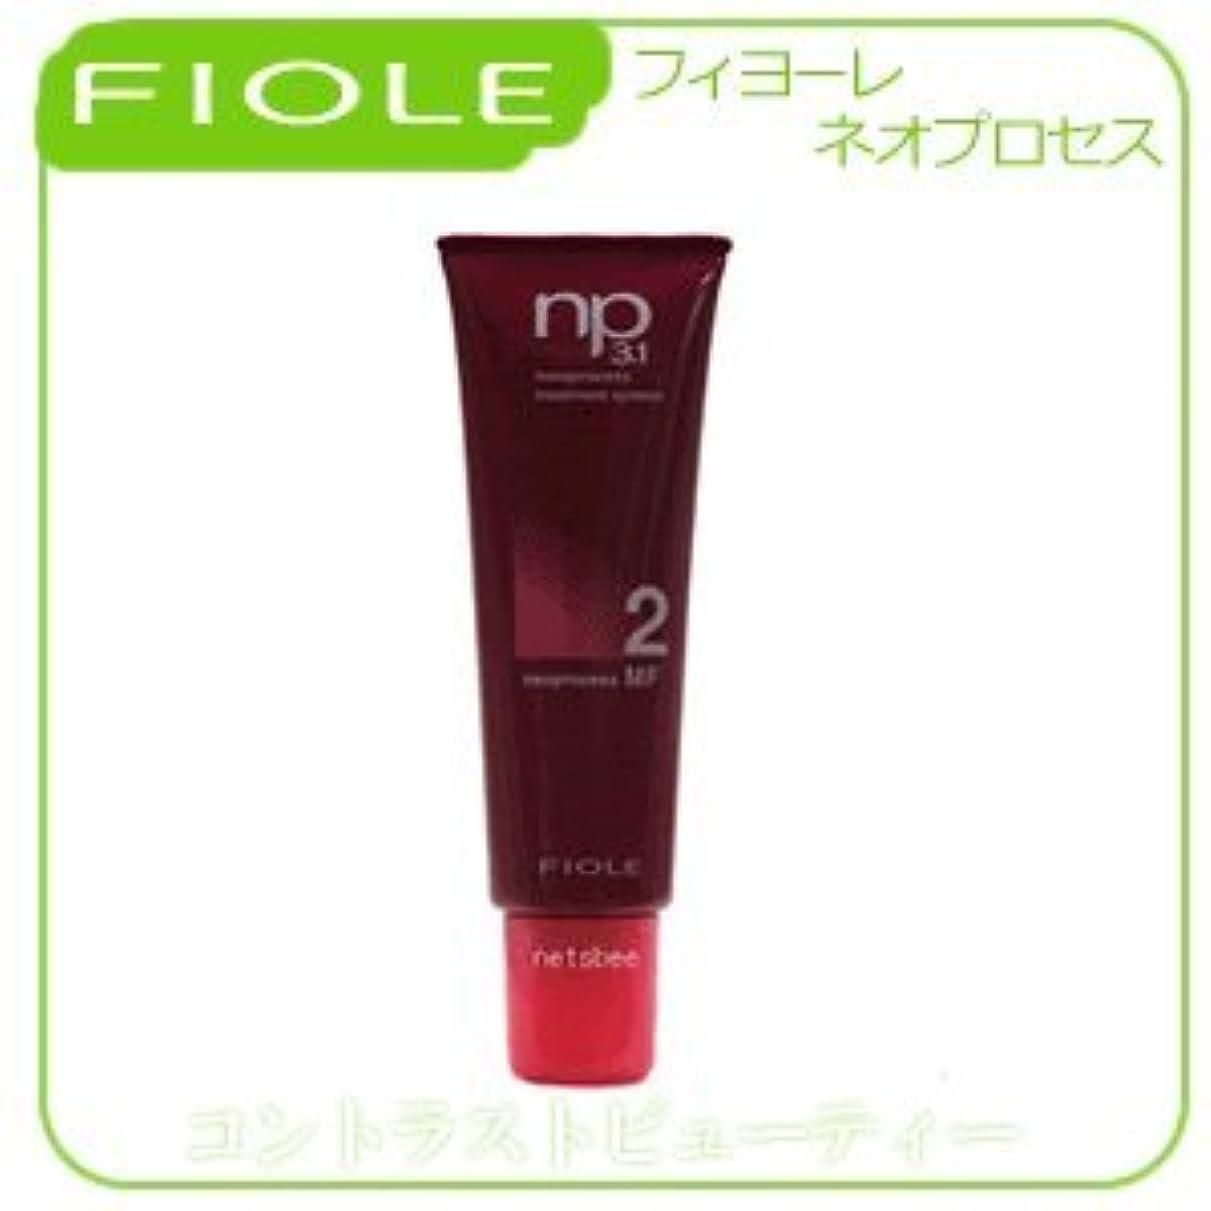 尾義務づける任意【X2個セット】 フィヨーレ NP3.1 ネオプロセス MF2 130g FIOLE ネオプロセス